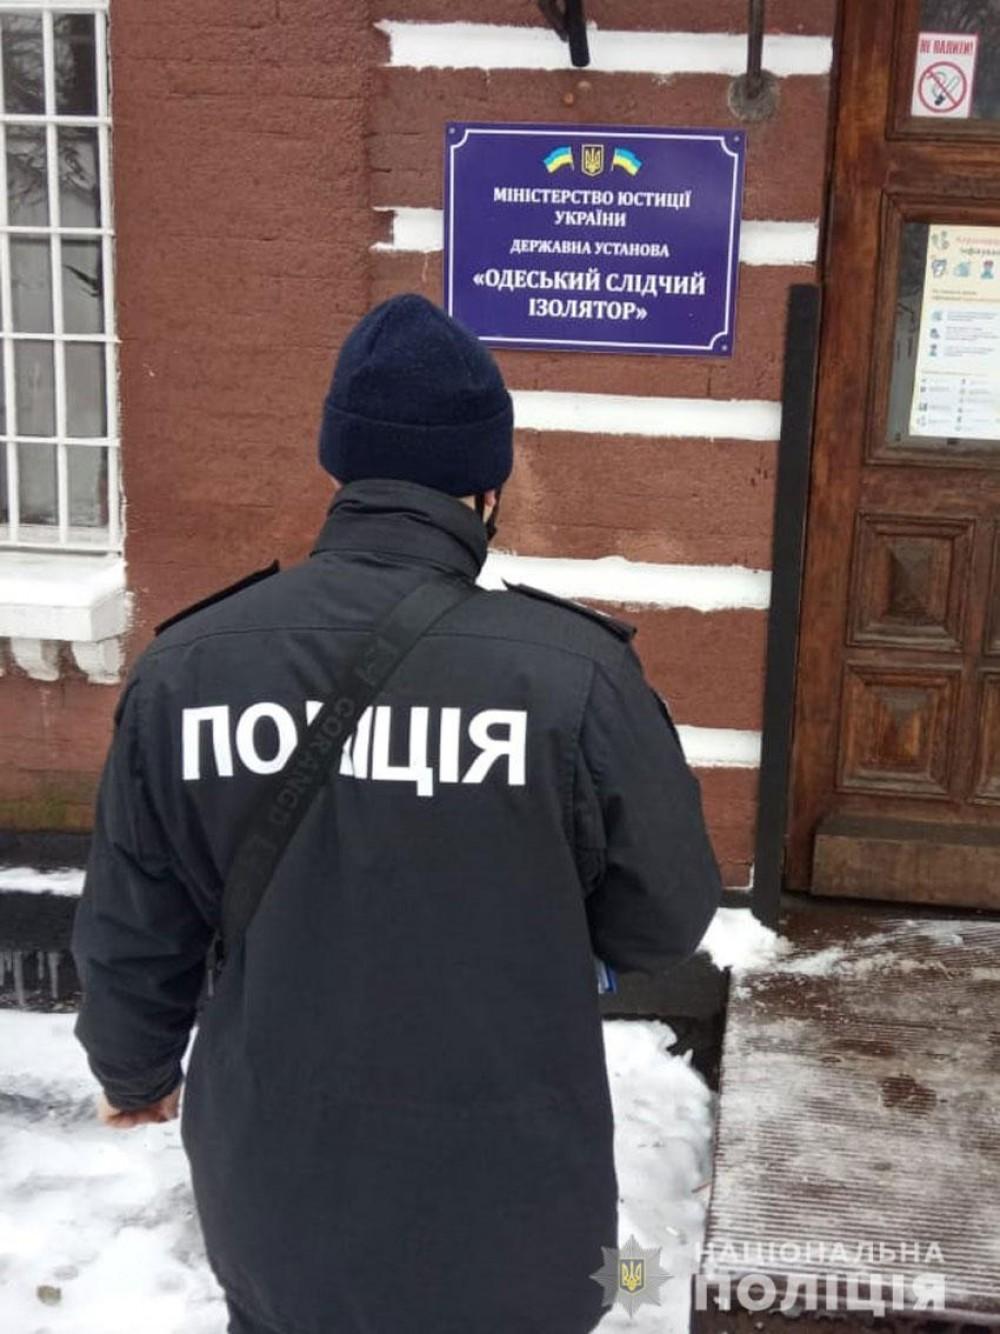 Арестанты Одесского СИЗО убедили 10-летнюю девочку передать им все деньги родителей